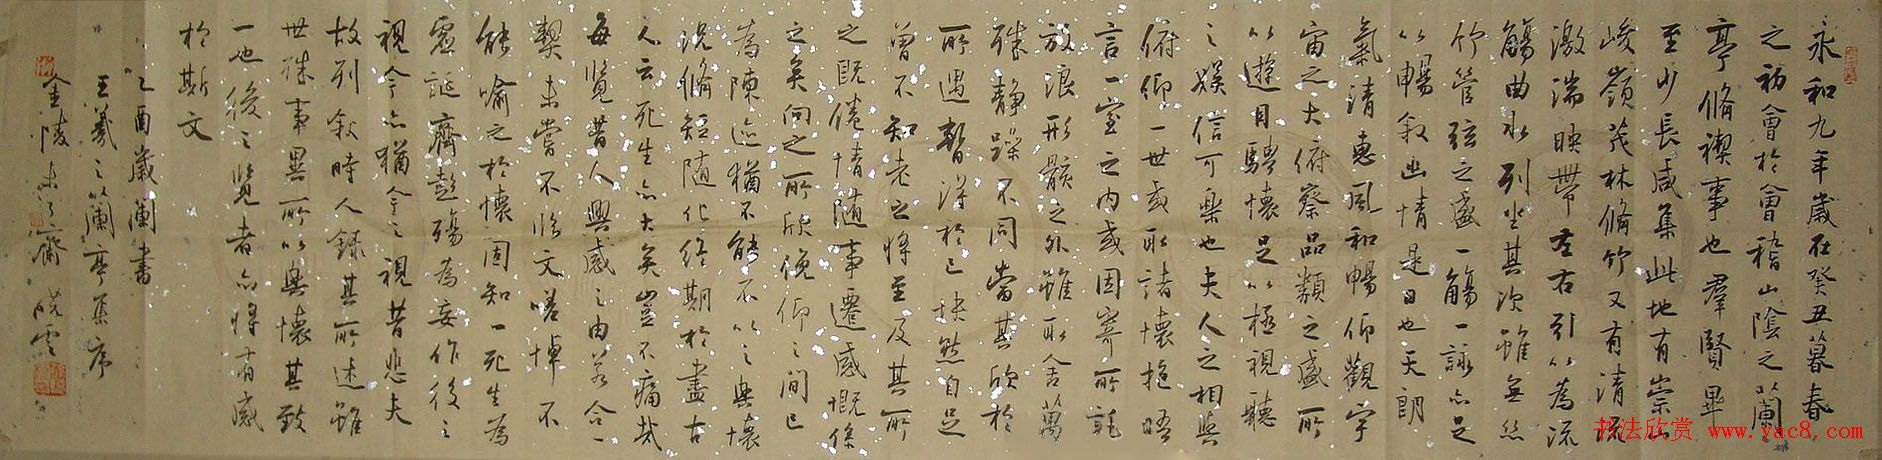 孙晓云书法作品临《兰亭序》三种